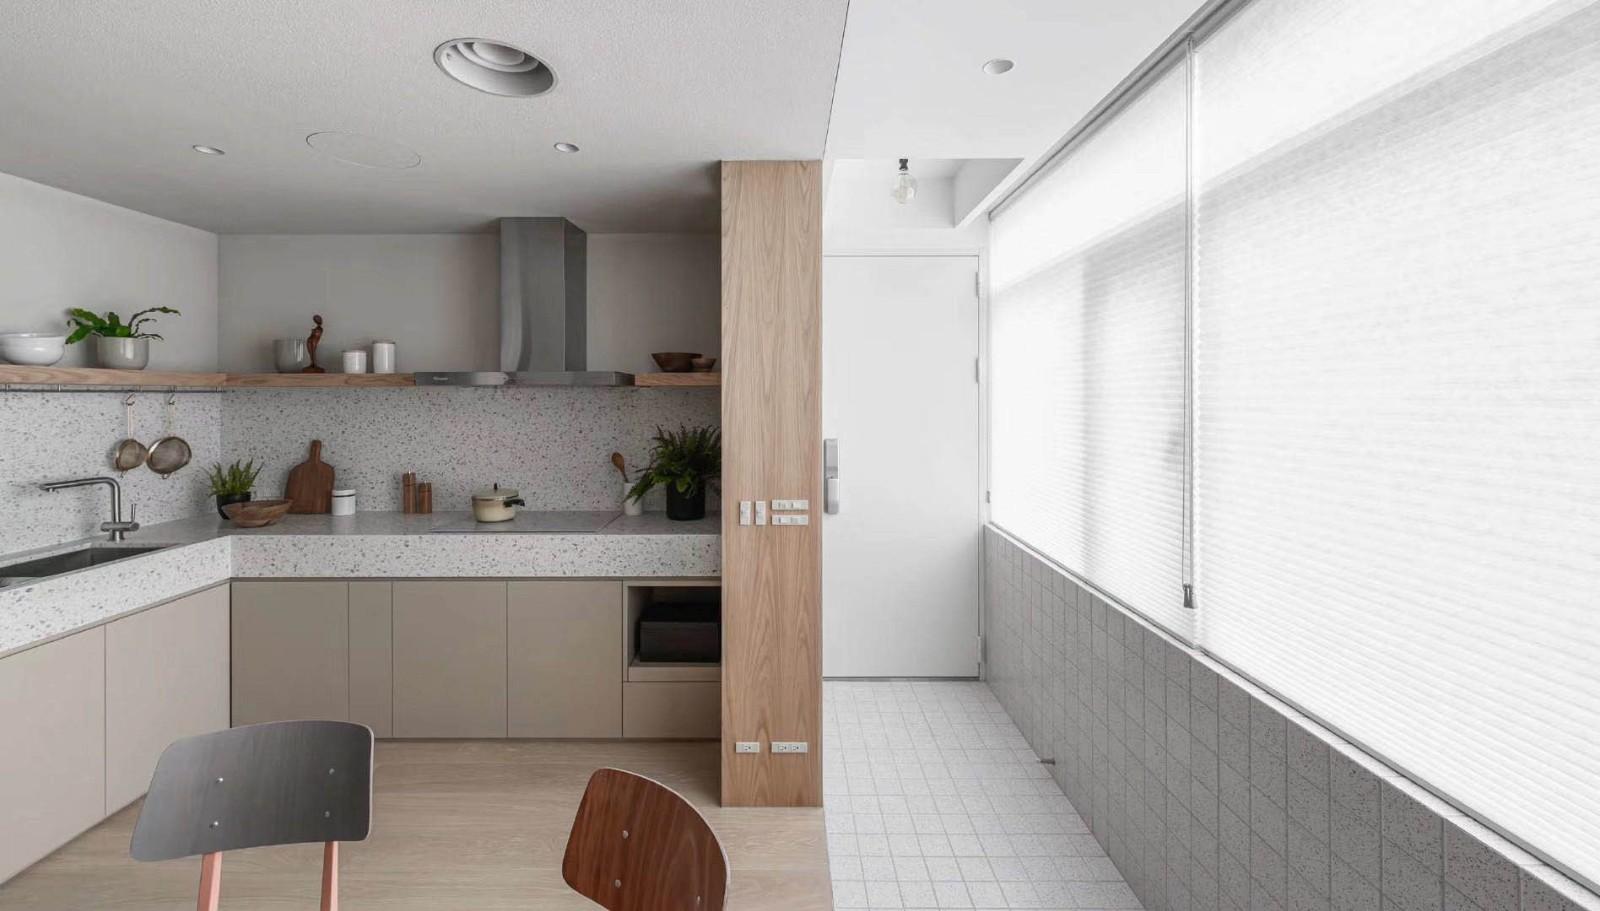 2020日式厨房装修图 2020日式橱柜装修效果图片